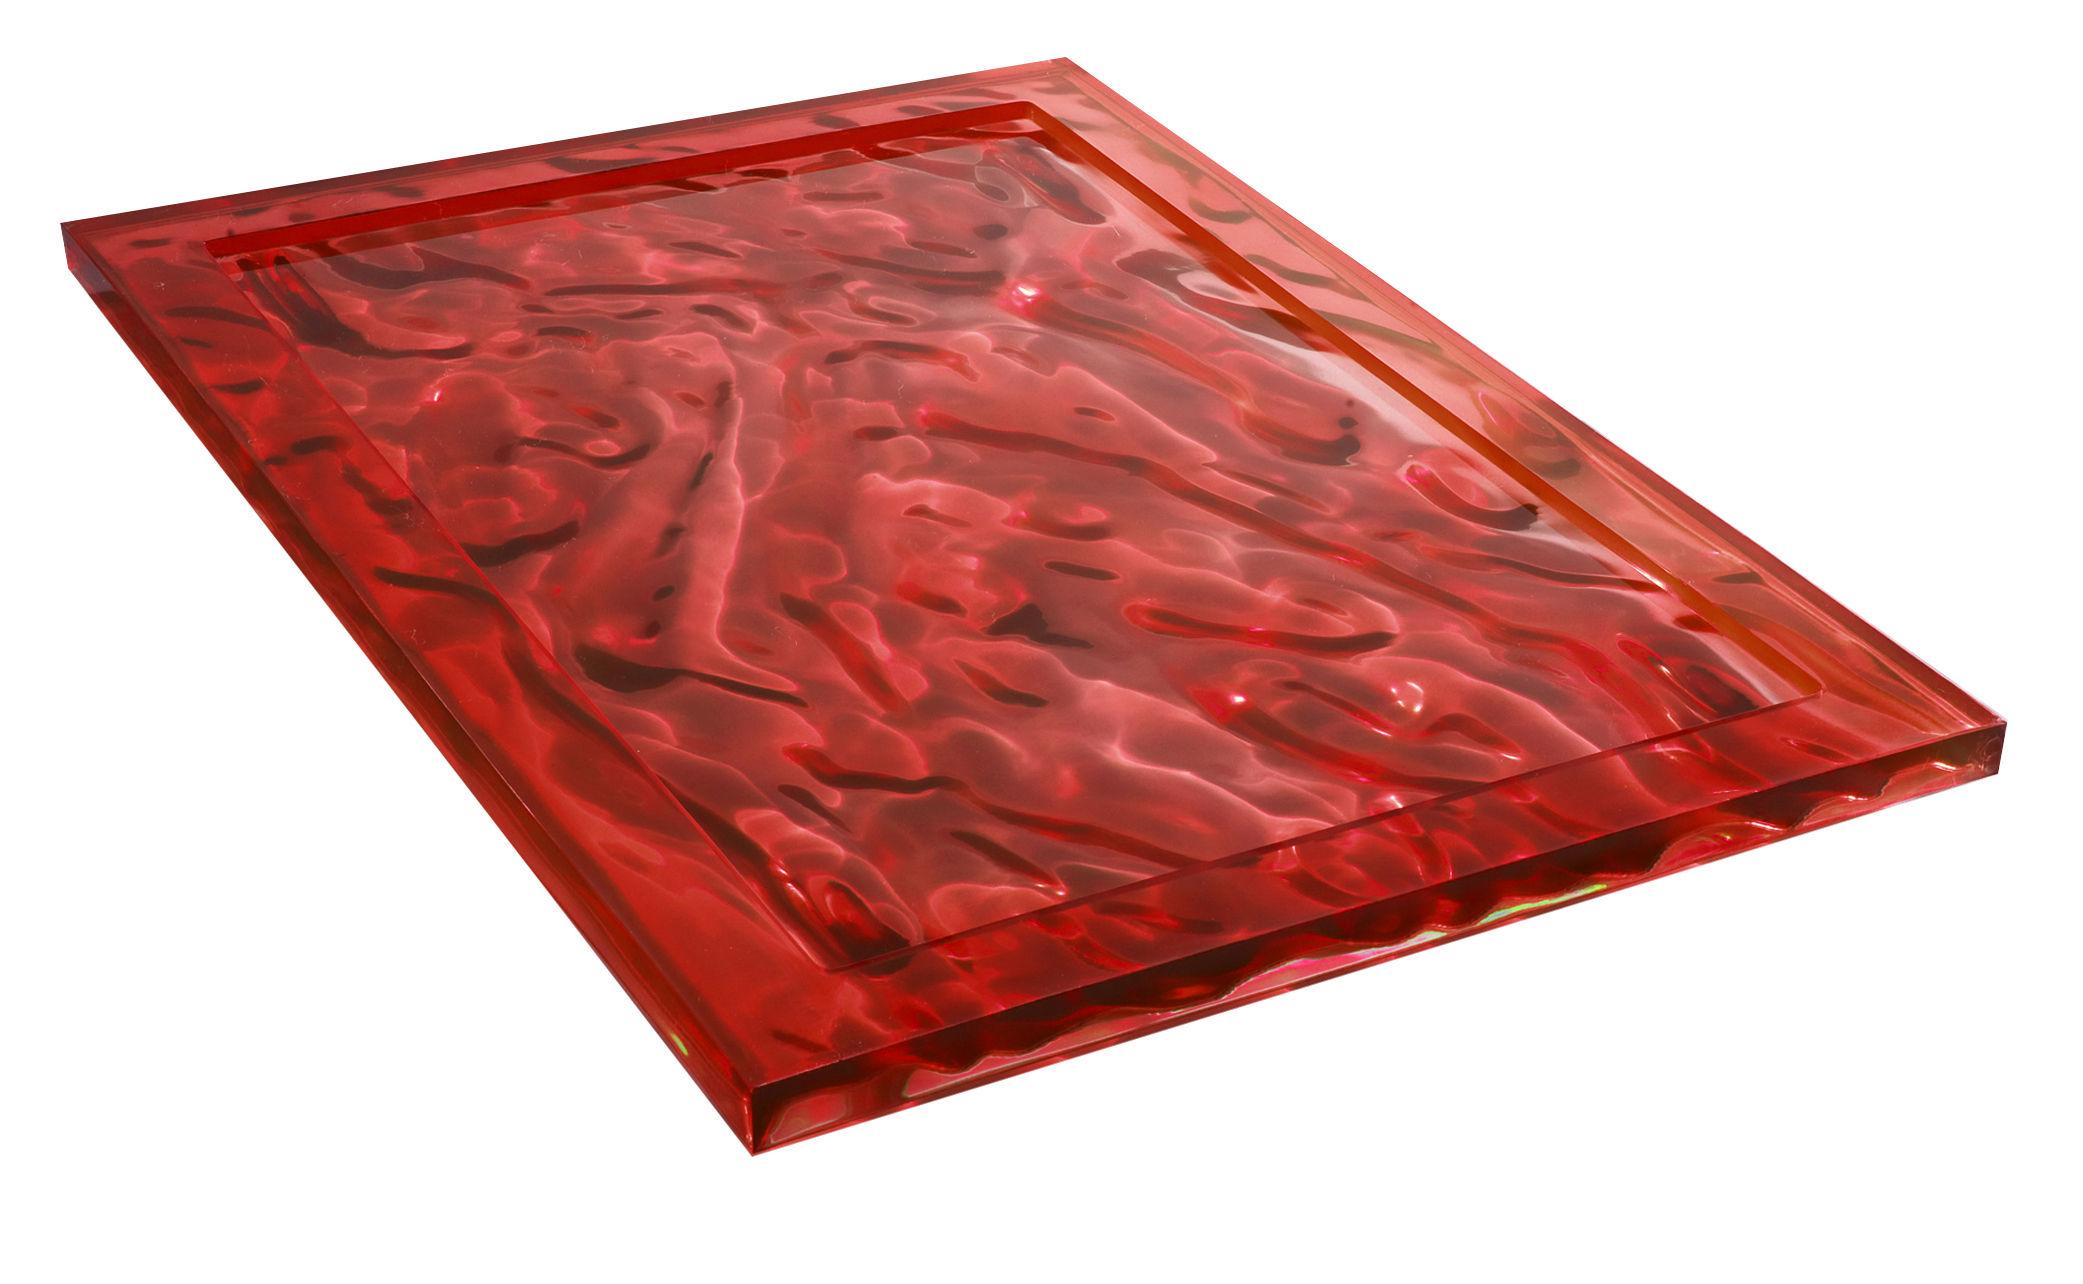 Arts de la table - Plateaux - Plateau Dune / 55 x 38 cm - Kartell - Rouge - Technopolymère